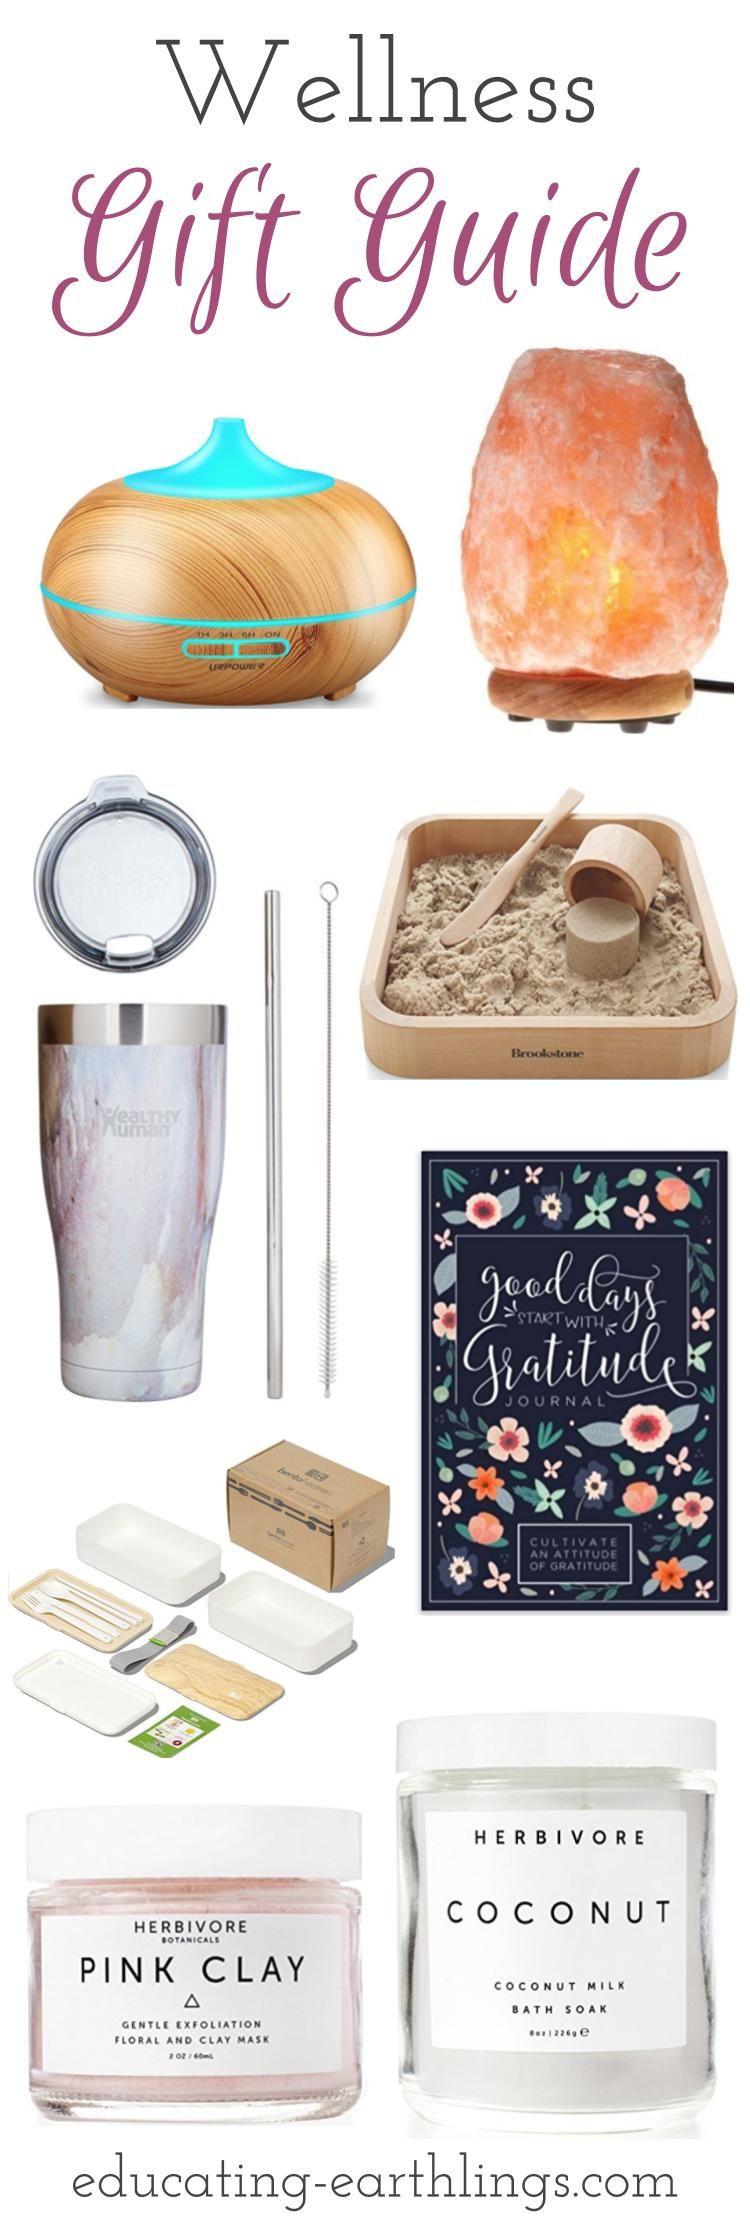 Wellness Gift Guide Under 25 Educating Earthlings Wellness Gifts Vegan Christmas Gifts Vegan Gifts